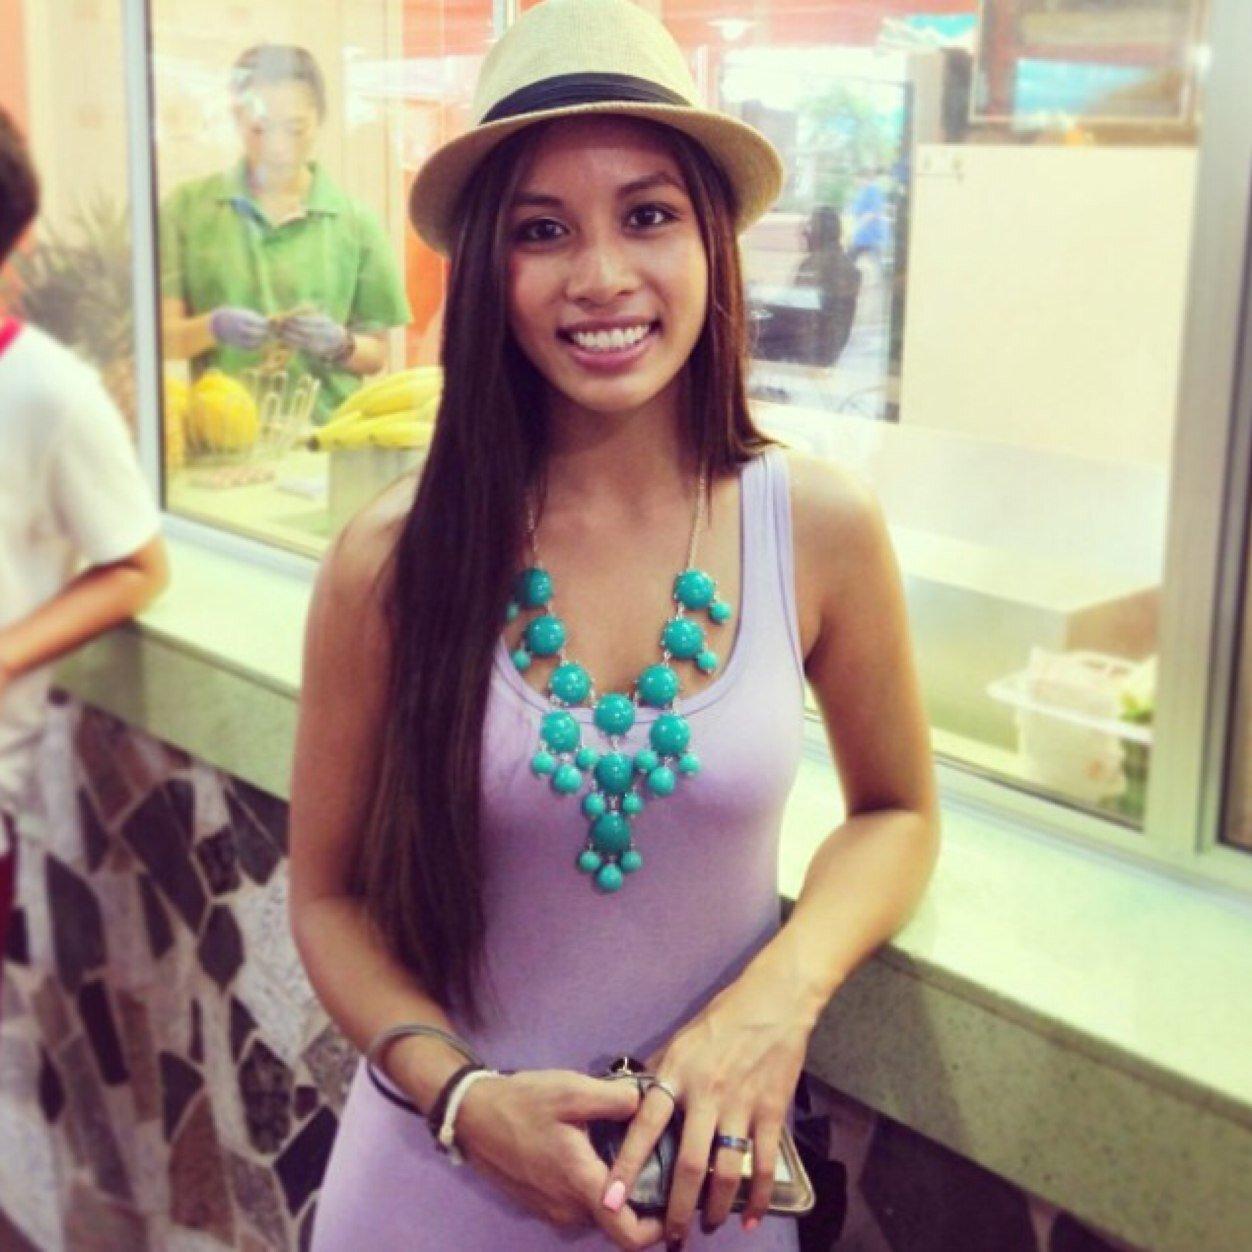 Nguyen Becky Becky Nguyen X0x0becky |